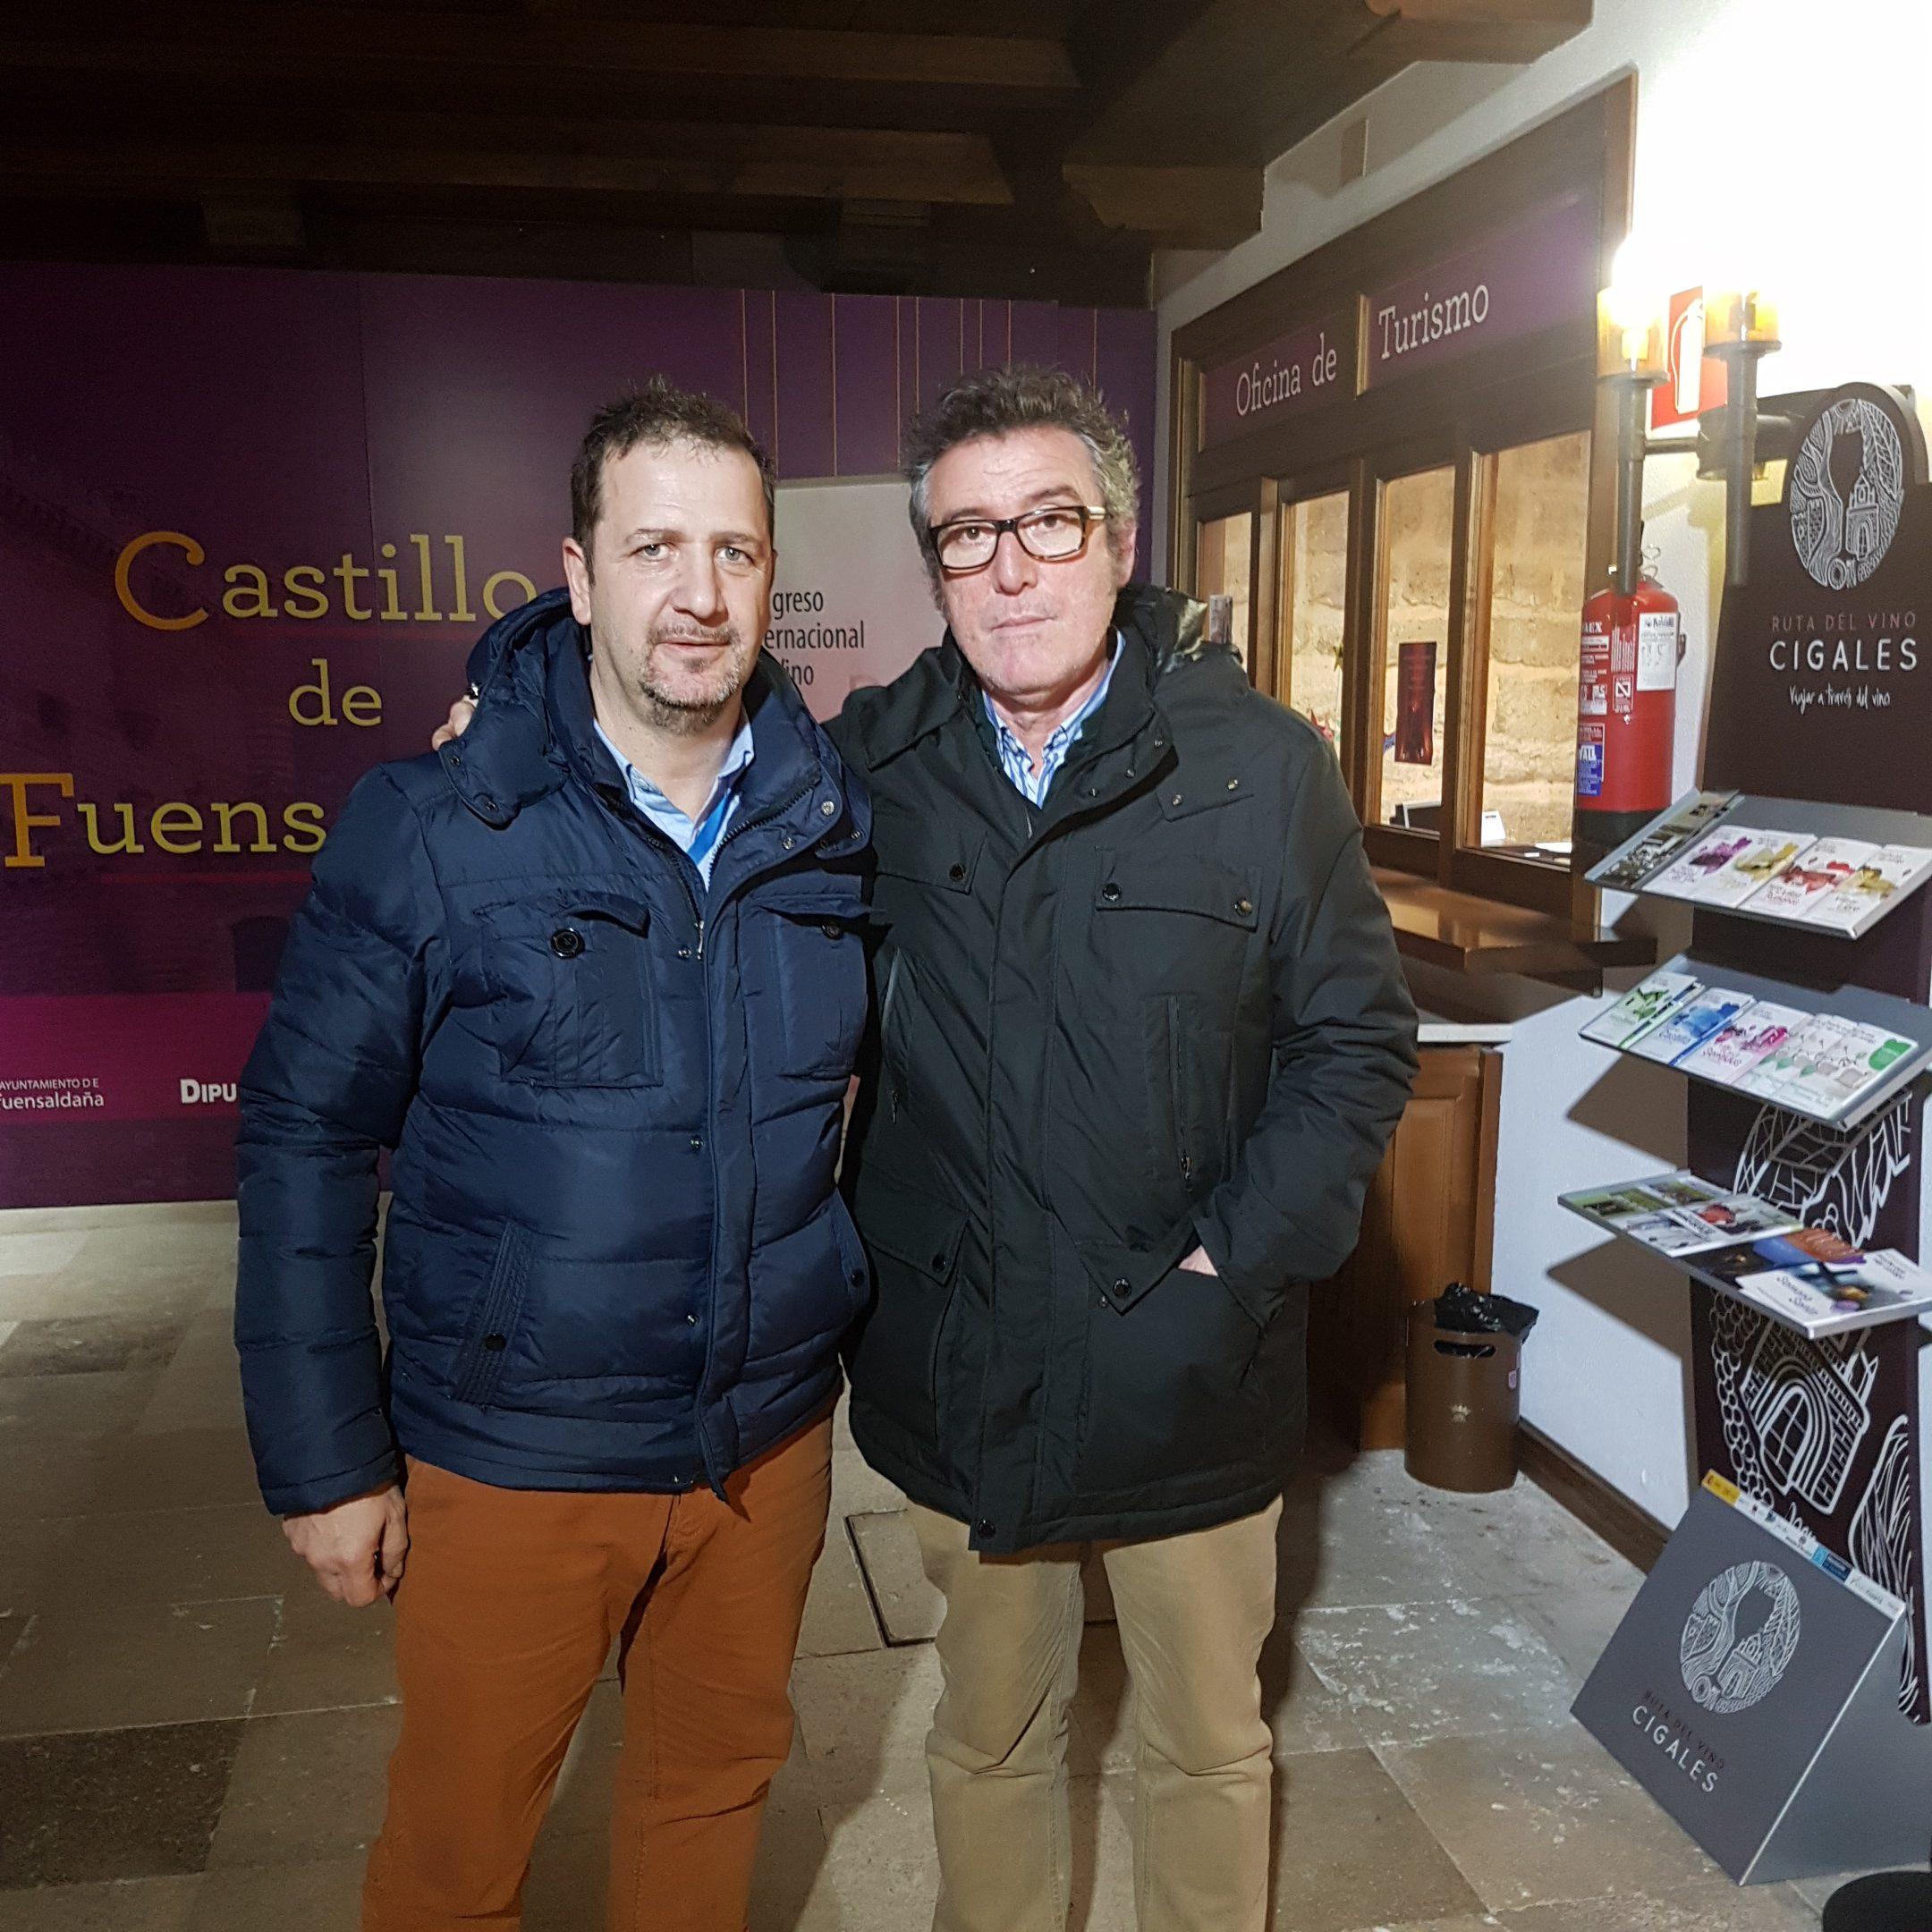 Con Ignacio de Bodega César Príncipe...